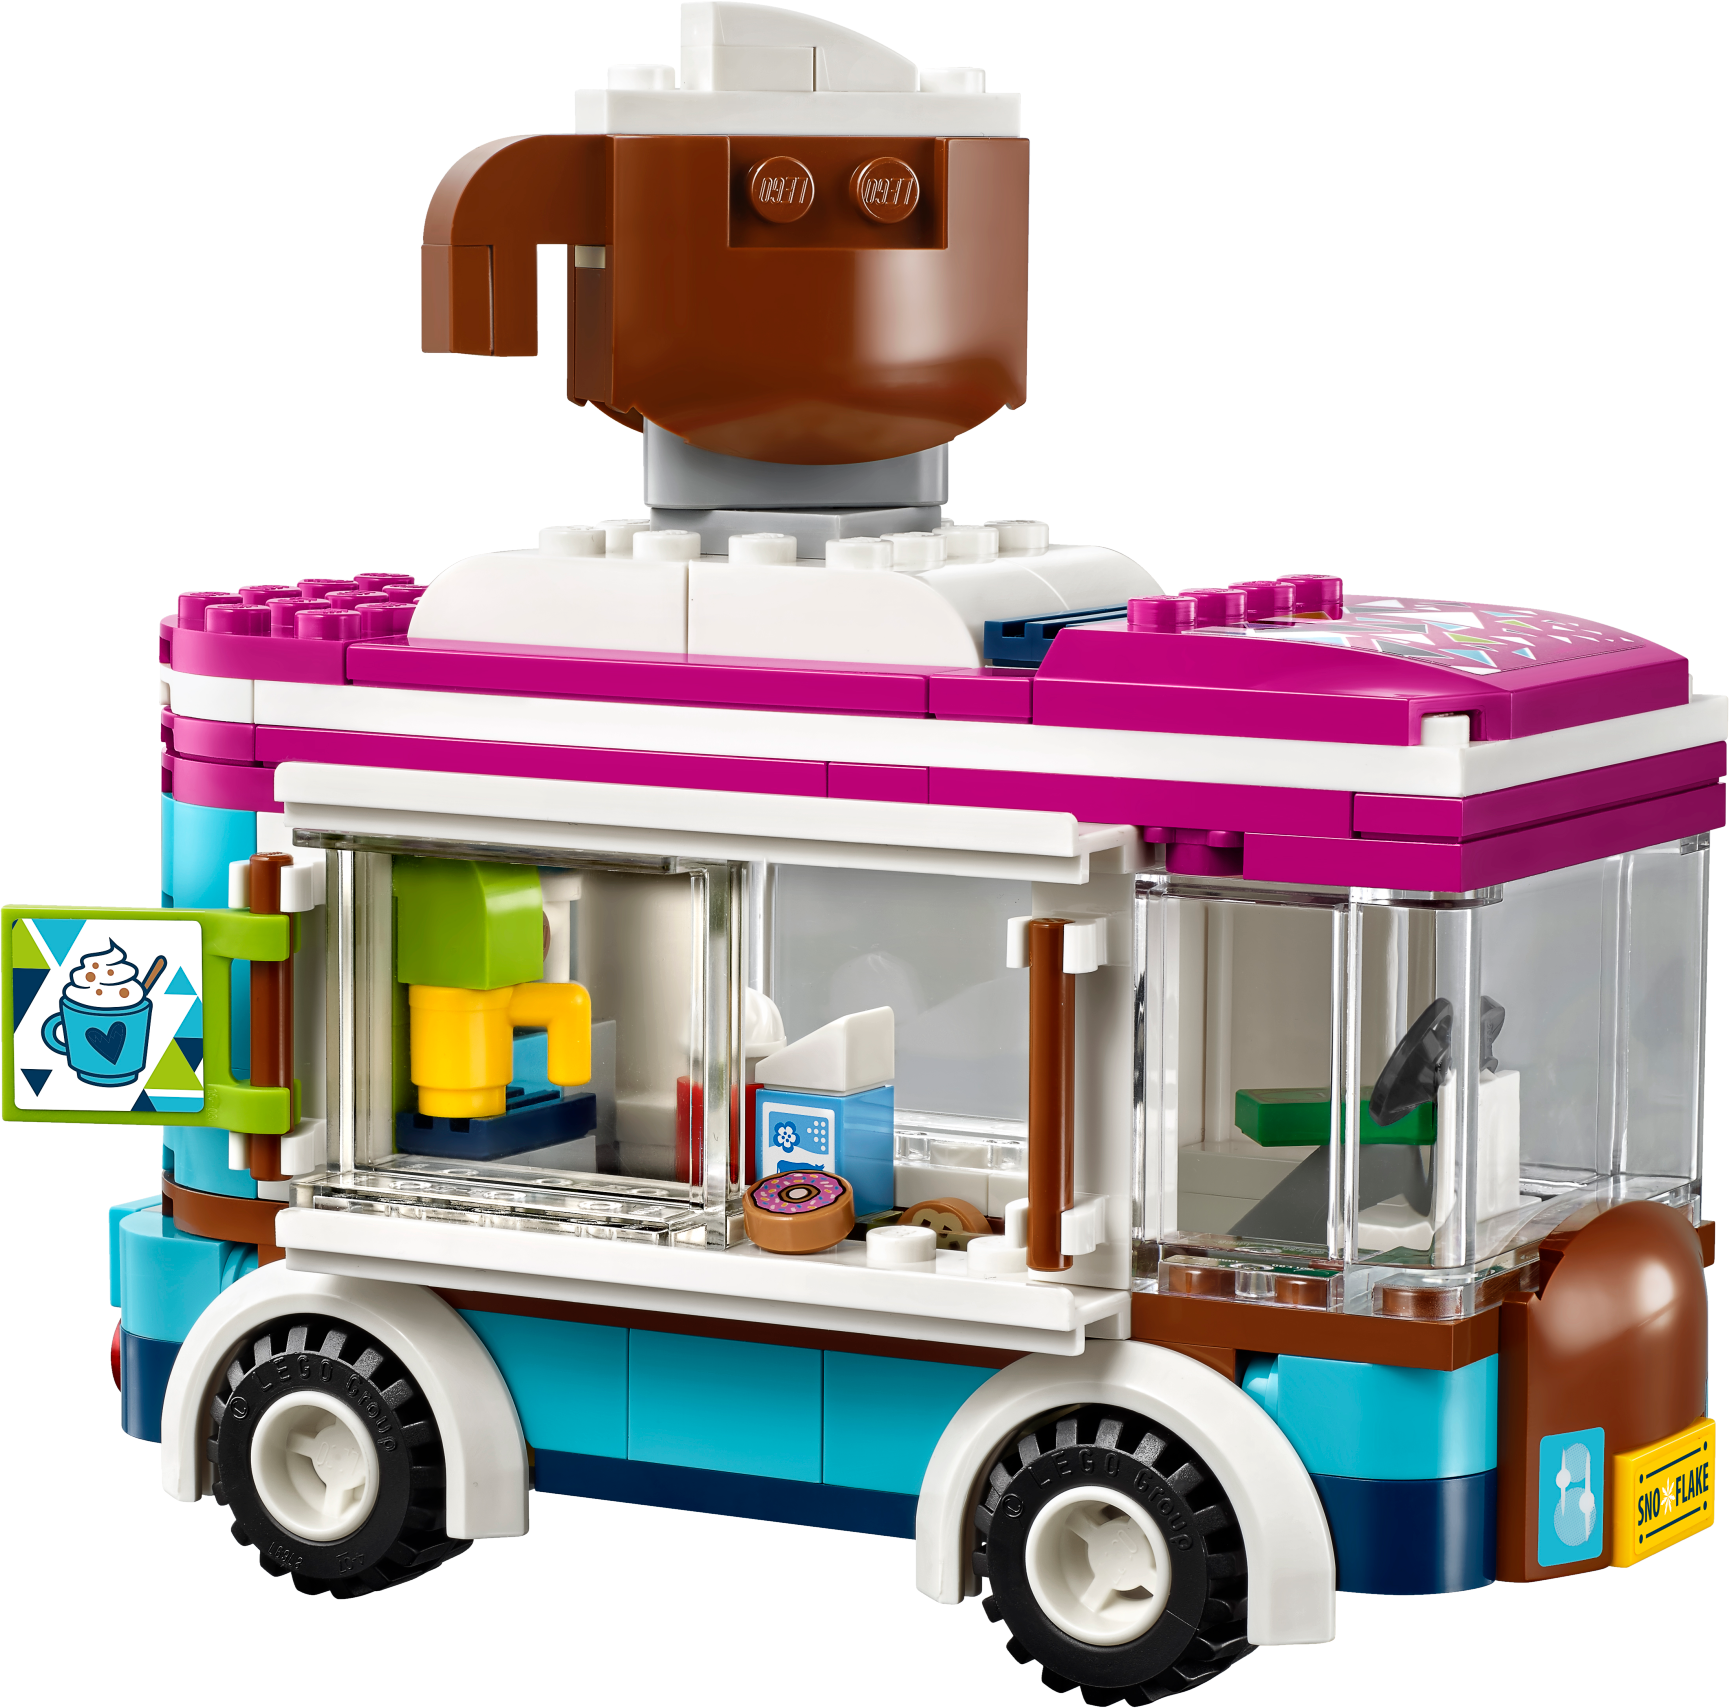 Snow Resort Hot Chocolate Van